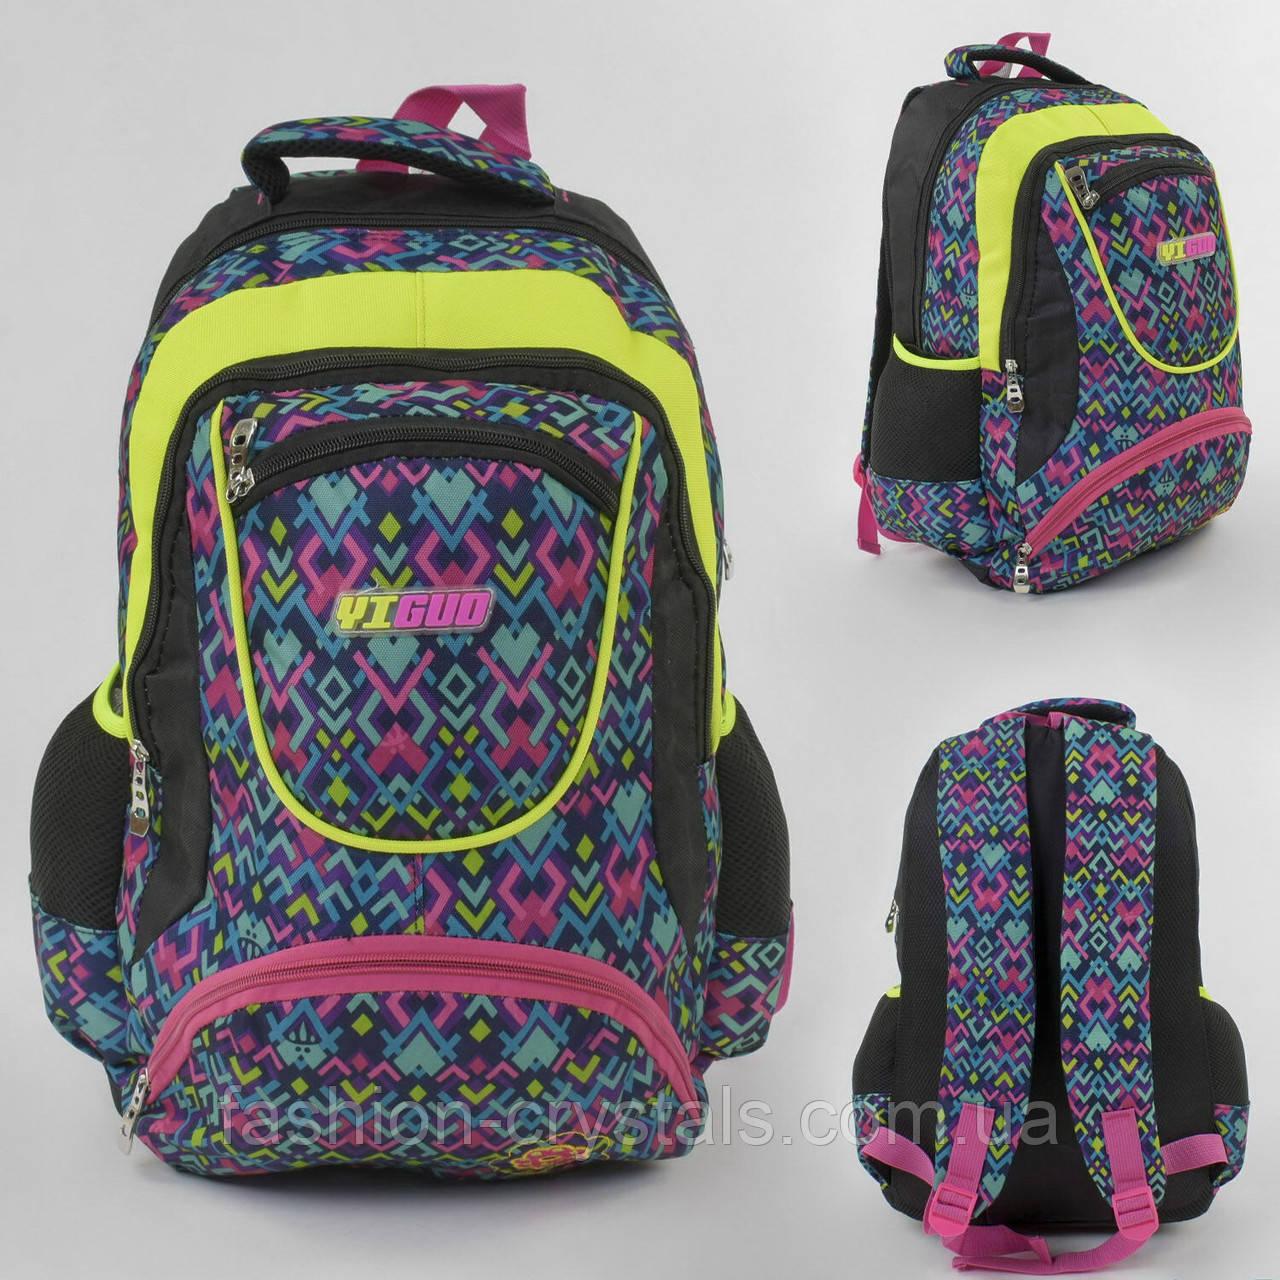 Школьный рюкзак этника С 4357